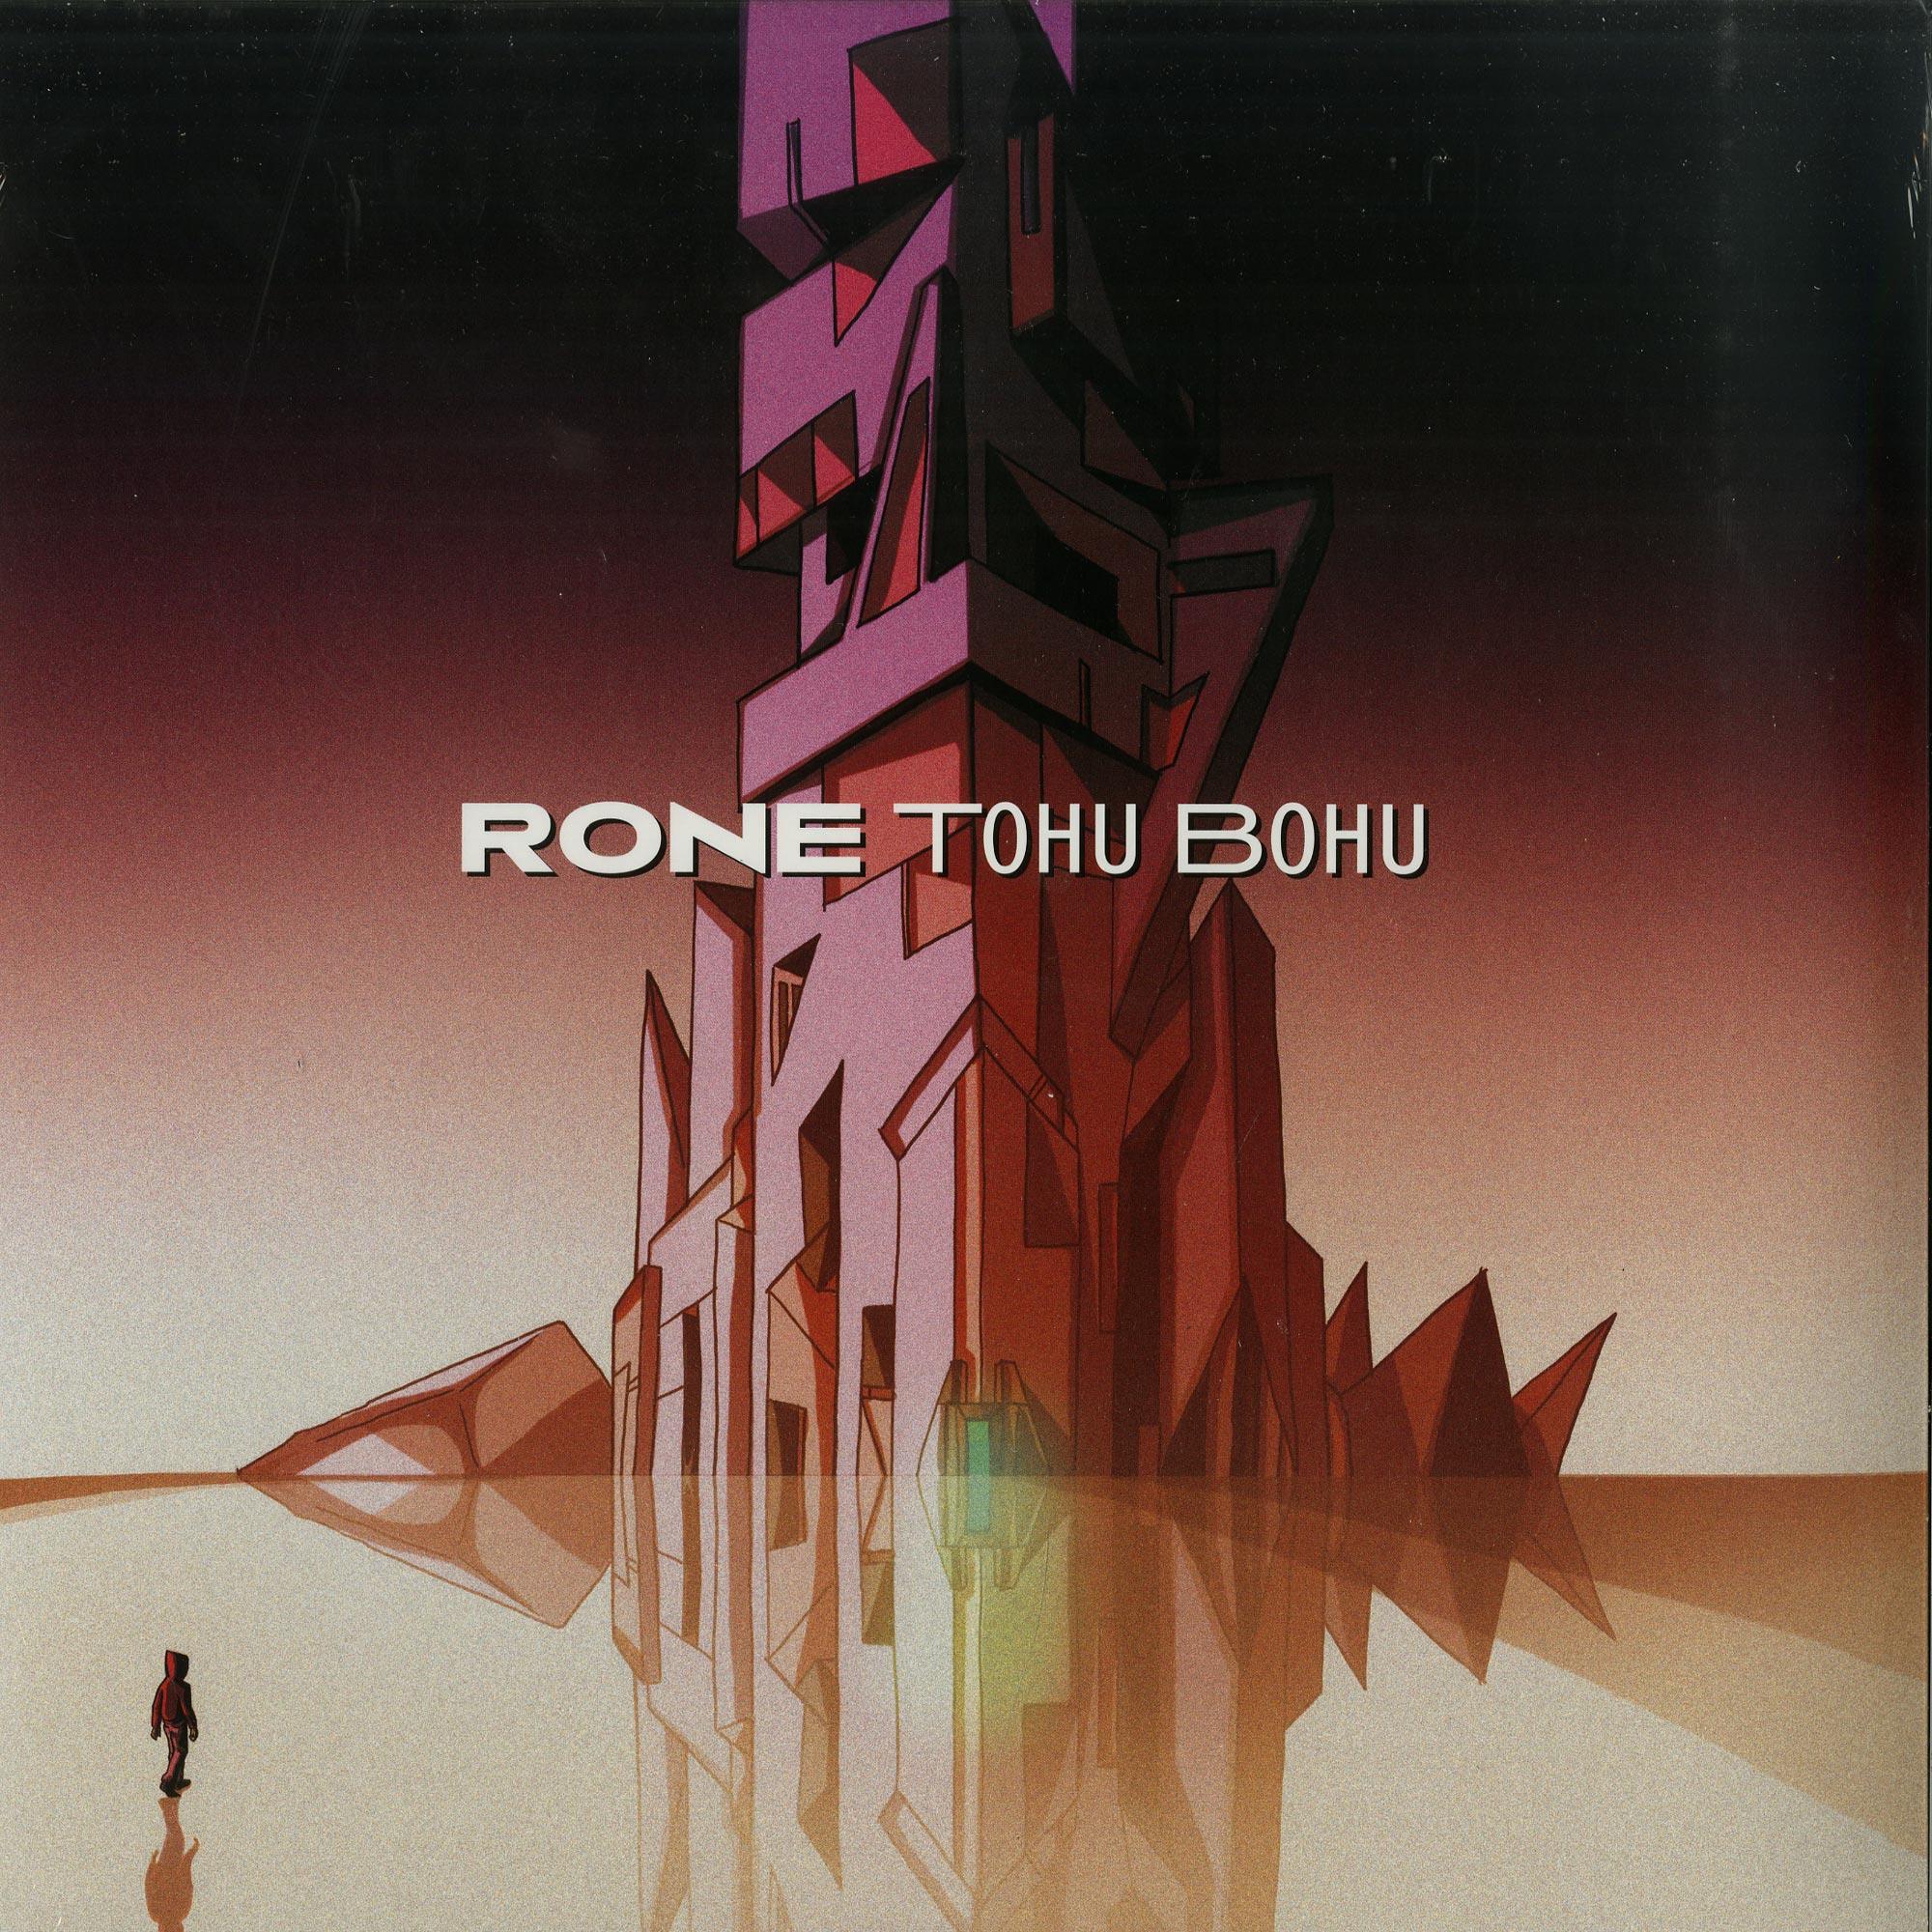 Rone - TOHU BOHU